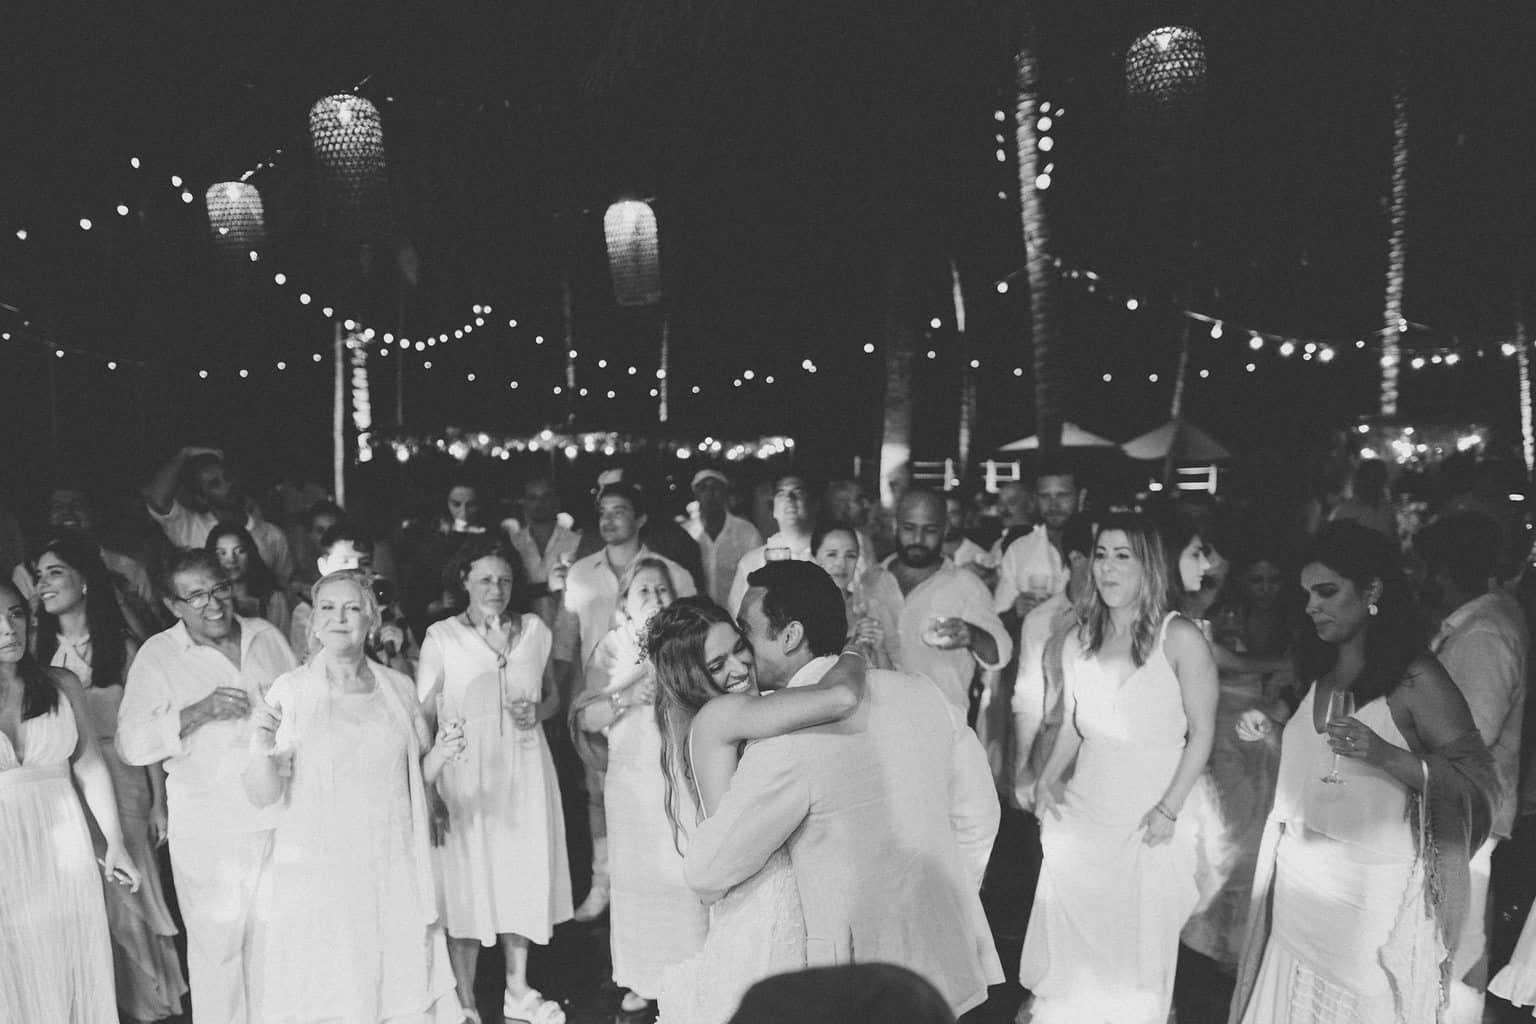 casamento-Danielle-e-Guilherme-aloha-fotografia-caseme-117